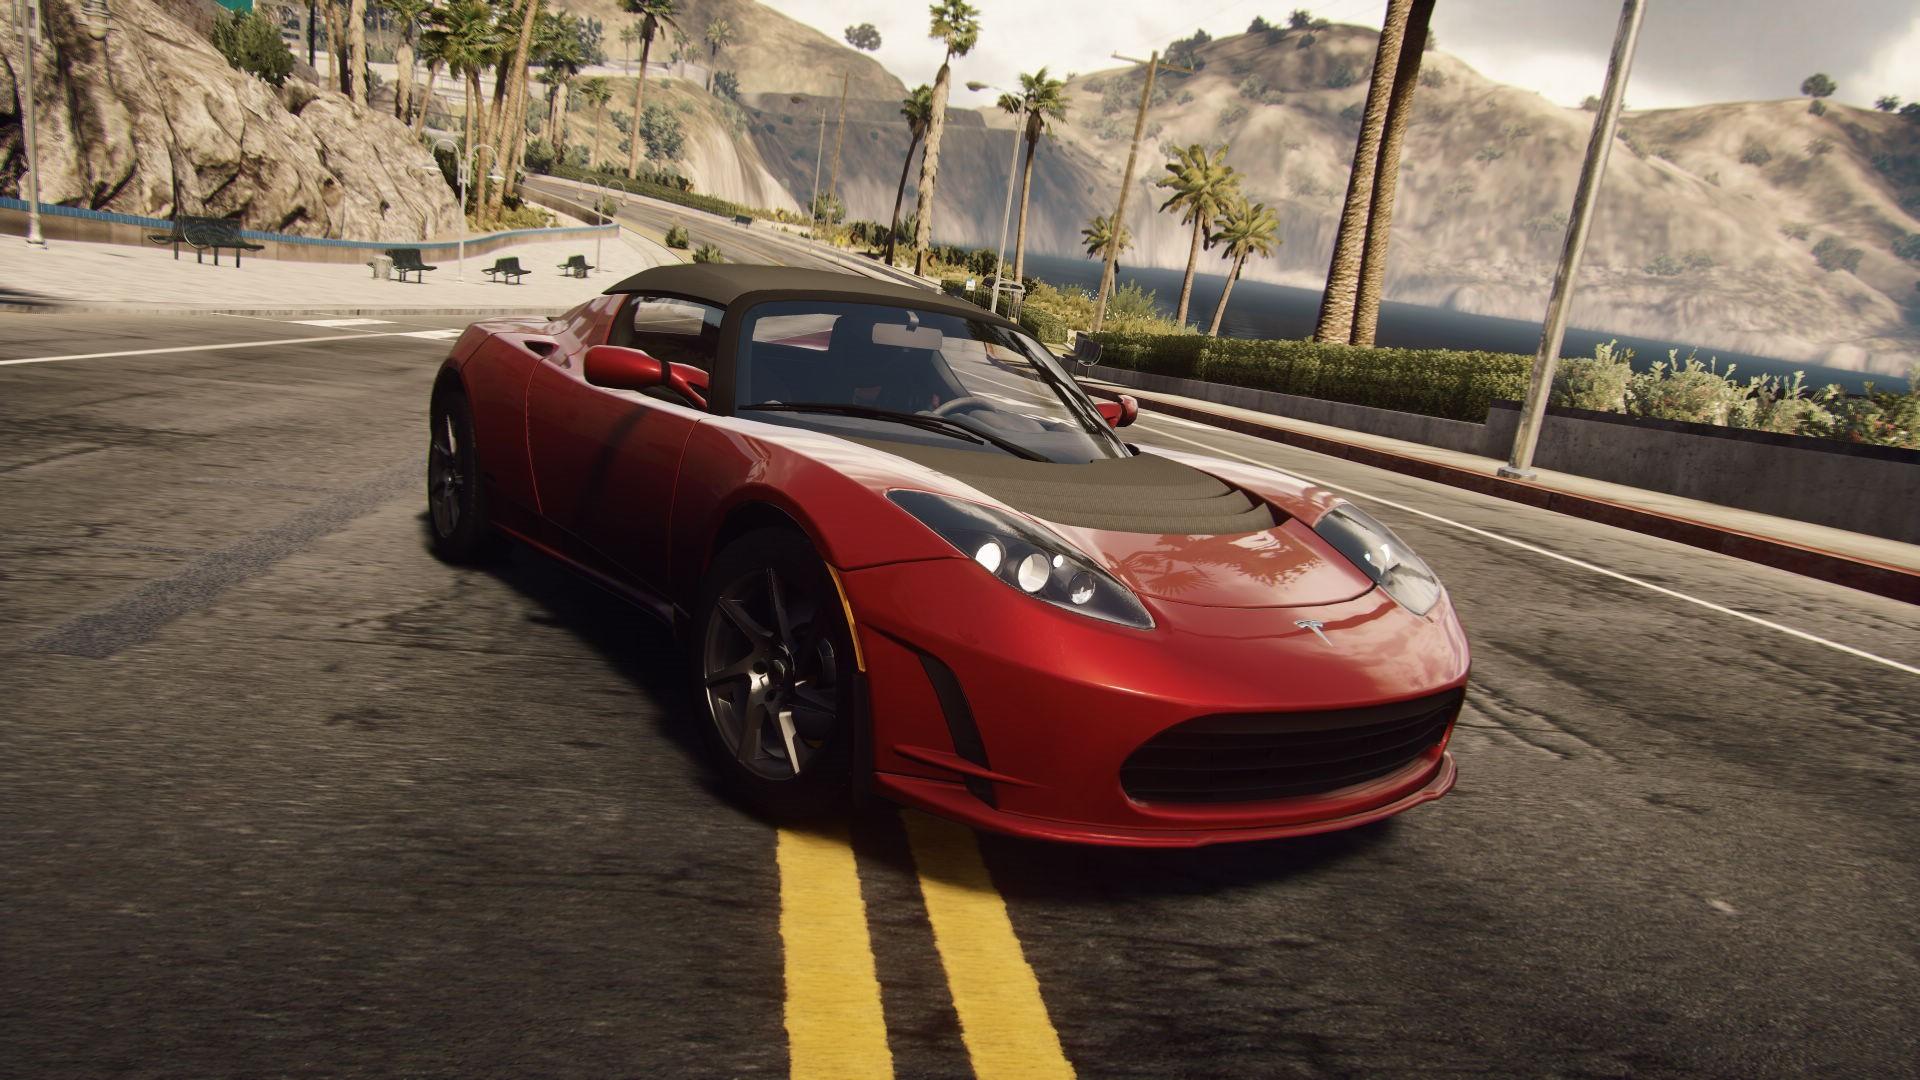 跑车是男人的浪漫,很多玩家都很喜欢跑车,想找一辆帅气的跑车当壁纸,所以小编整理了极品飞车ol中的一些跑车的高清壁纸,大家可以一起来看看。